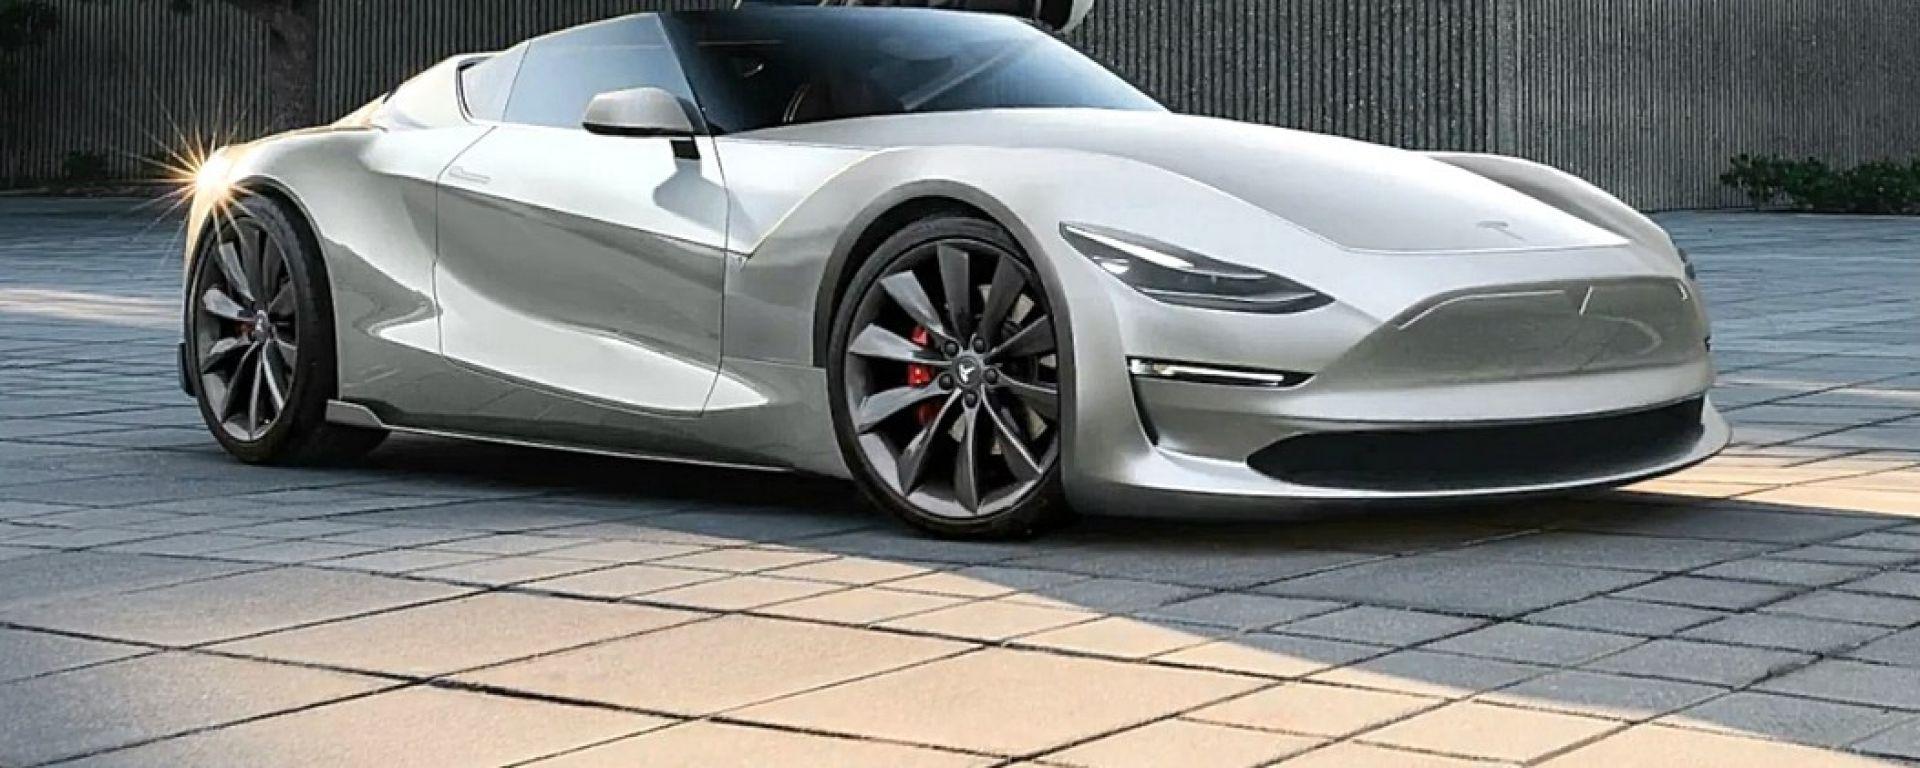 Novit 224 Tesla Tesla Model Y E Roadster Le Novit 224 Dopo La